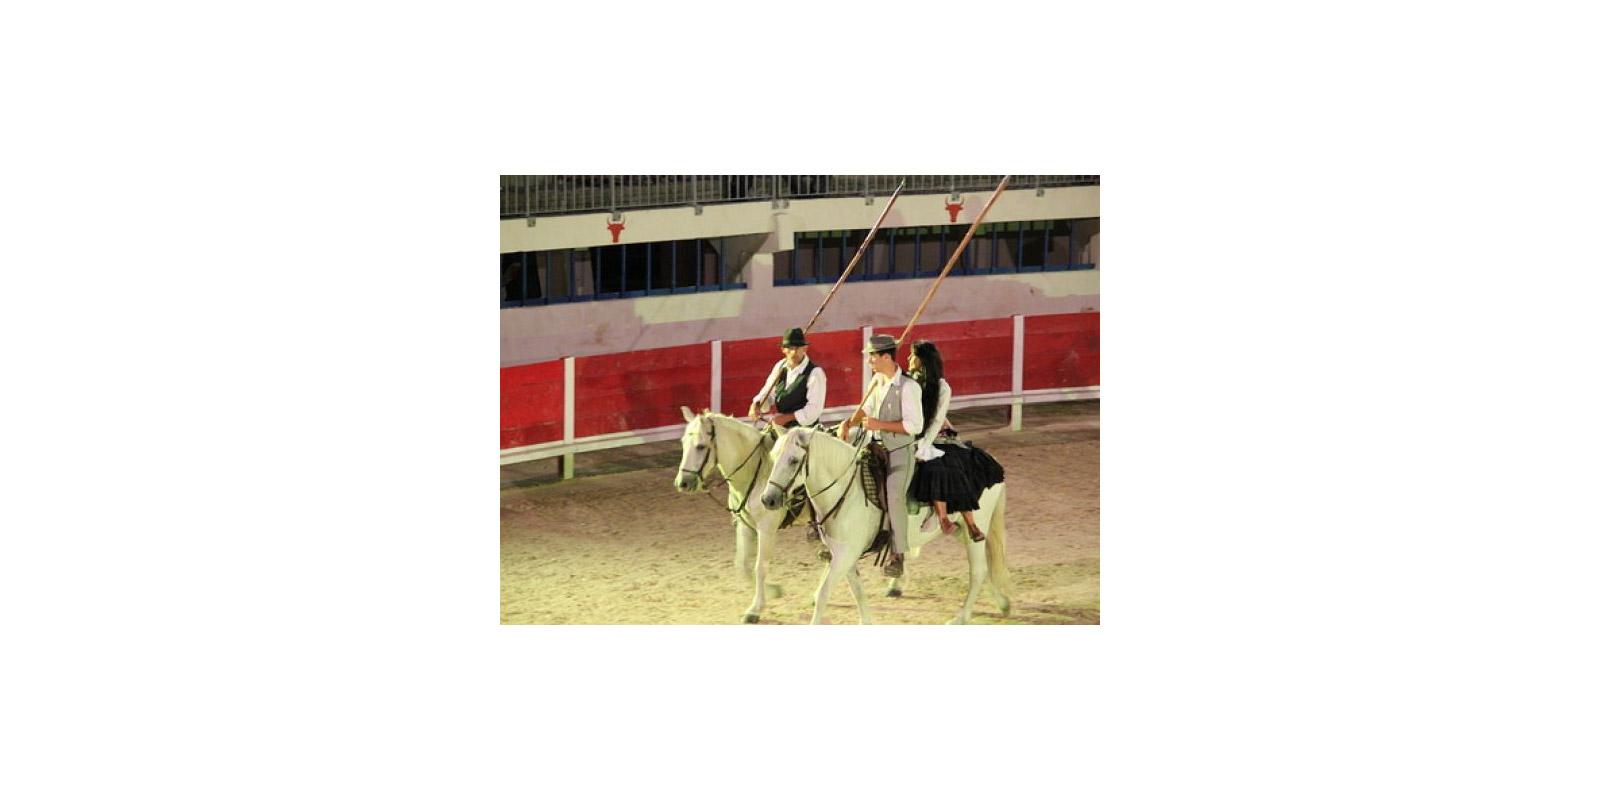 L incontournable cheval Camarguais. Spectacle équestre aux arènes 45851270df9